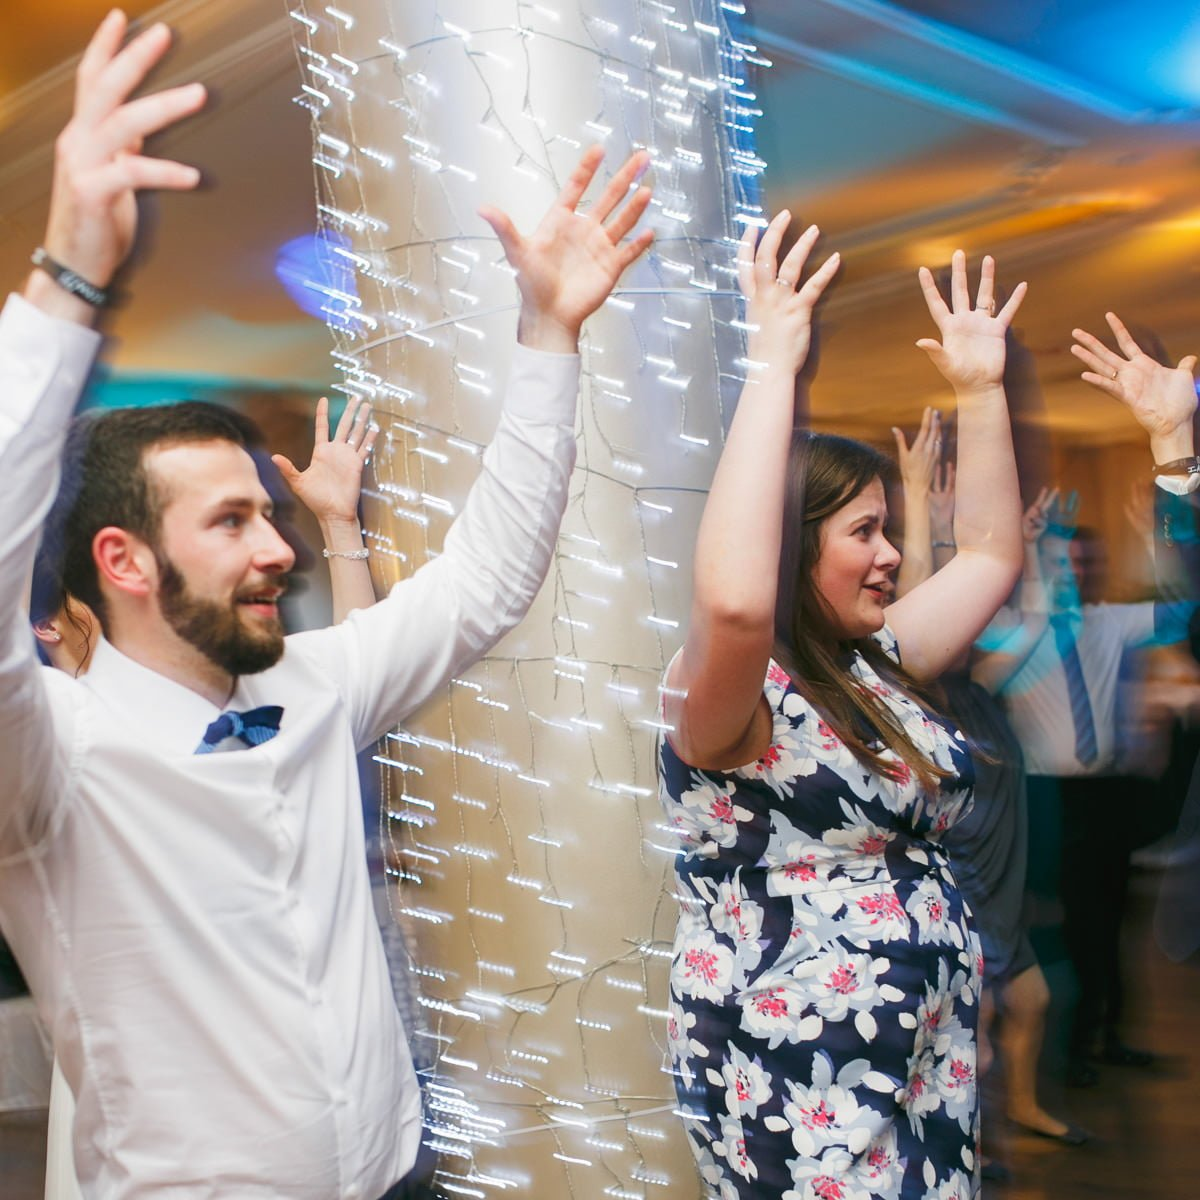 fotograf slub bielsko biala ania maciej 124 - Ślub w Bielsku-Białej - ANIA & MACIEJ